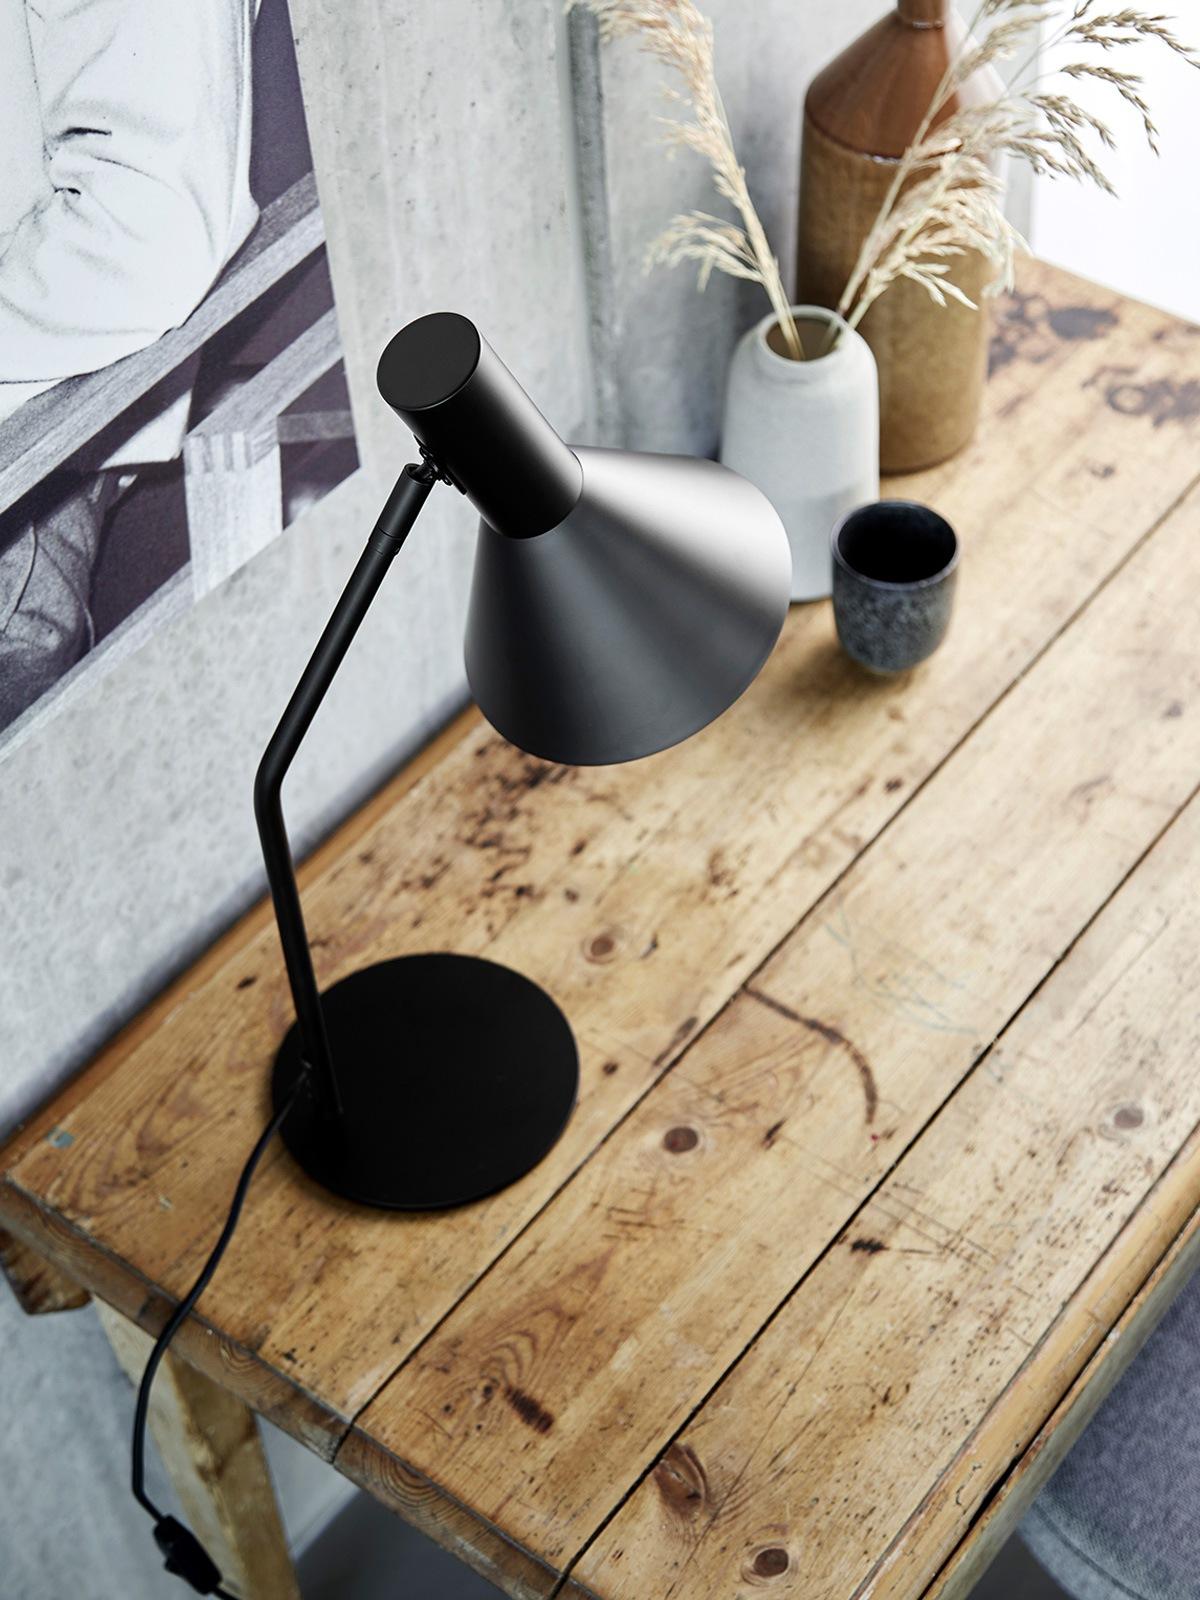 Frandsen Lyss Table Tischlampe skandinavisches Design DesignOrt Lampen Berlin Onlineshop